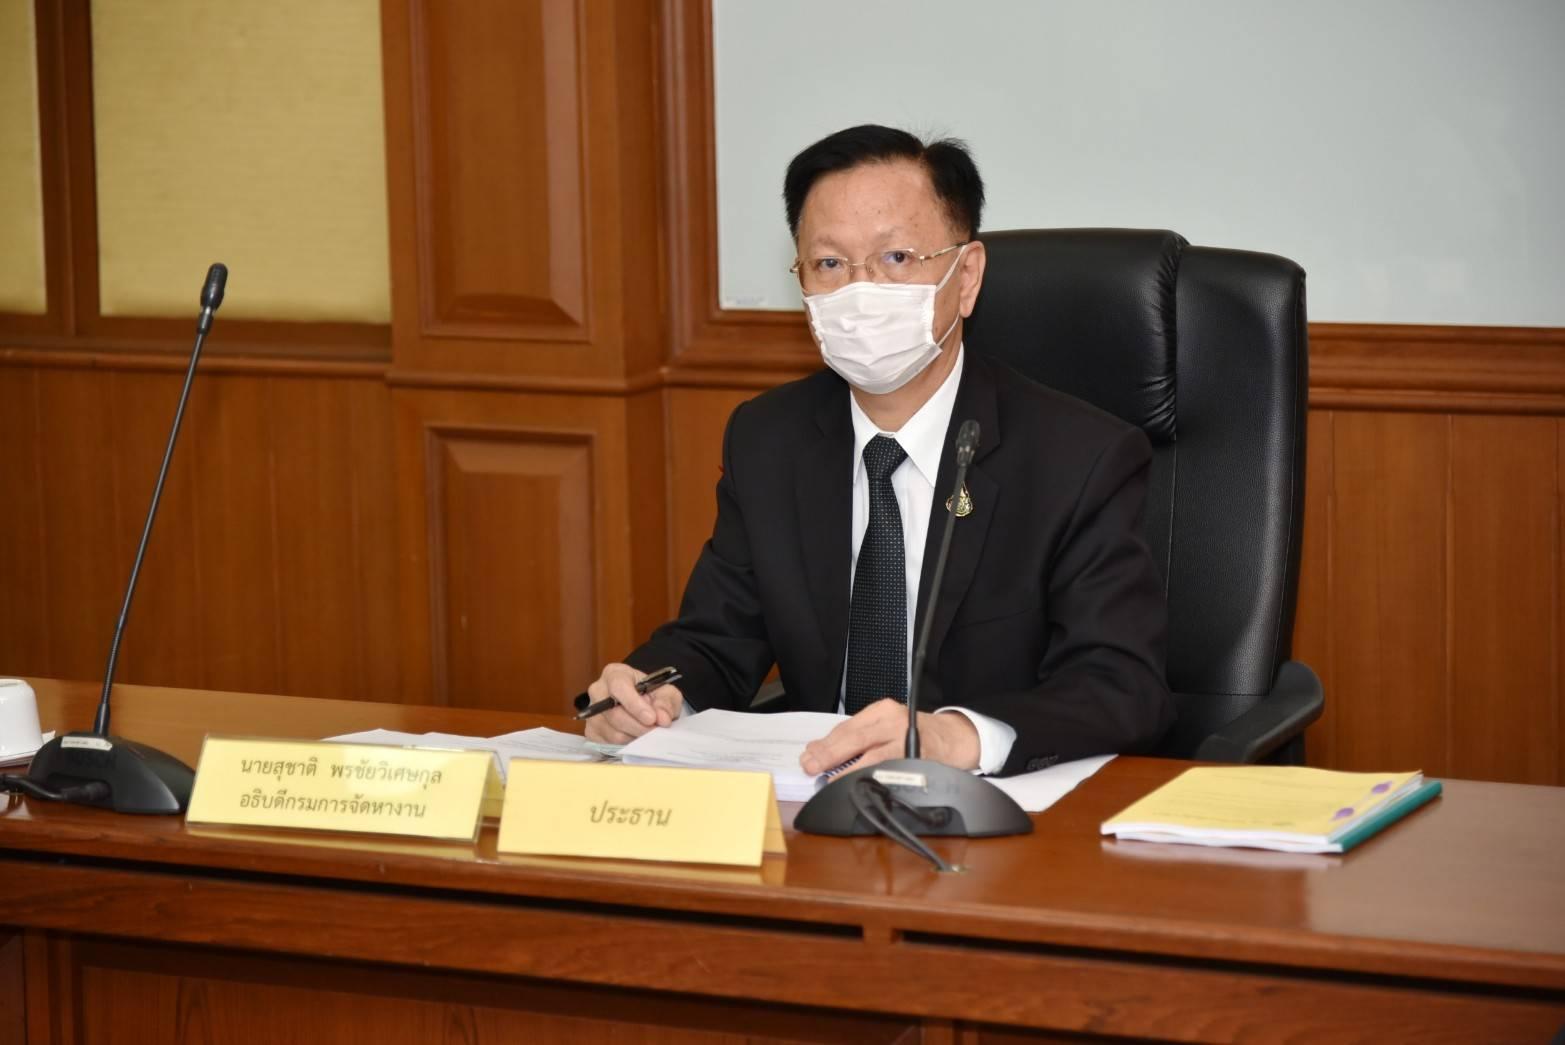 อธิบดีกรมการจัดหางาน เป็นประธานการประชุมคณะกรรมการพิจารณาการดำเนินงานขององค์การเอกชนต่างประเทศ